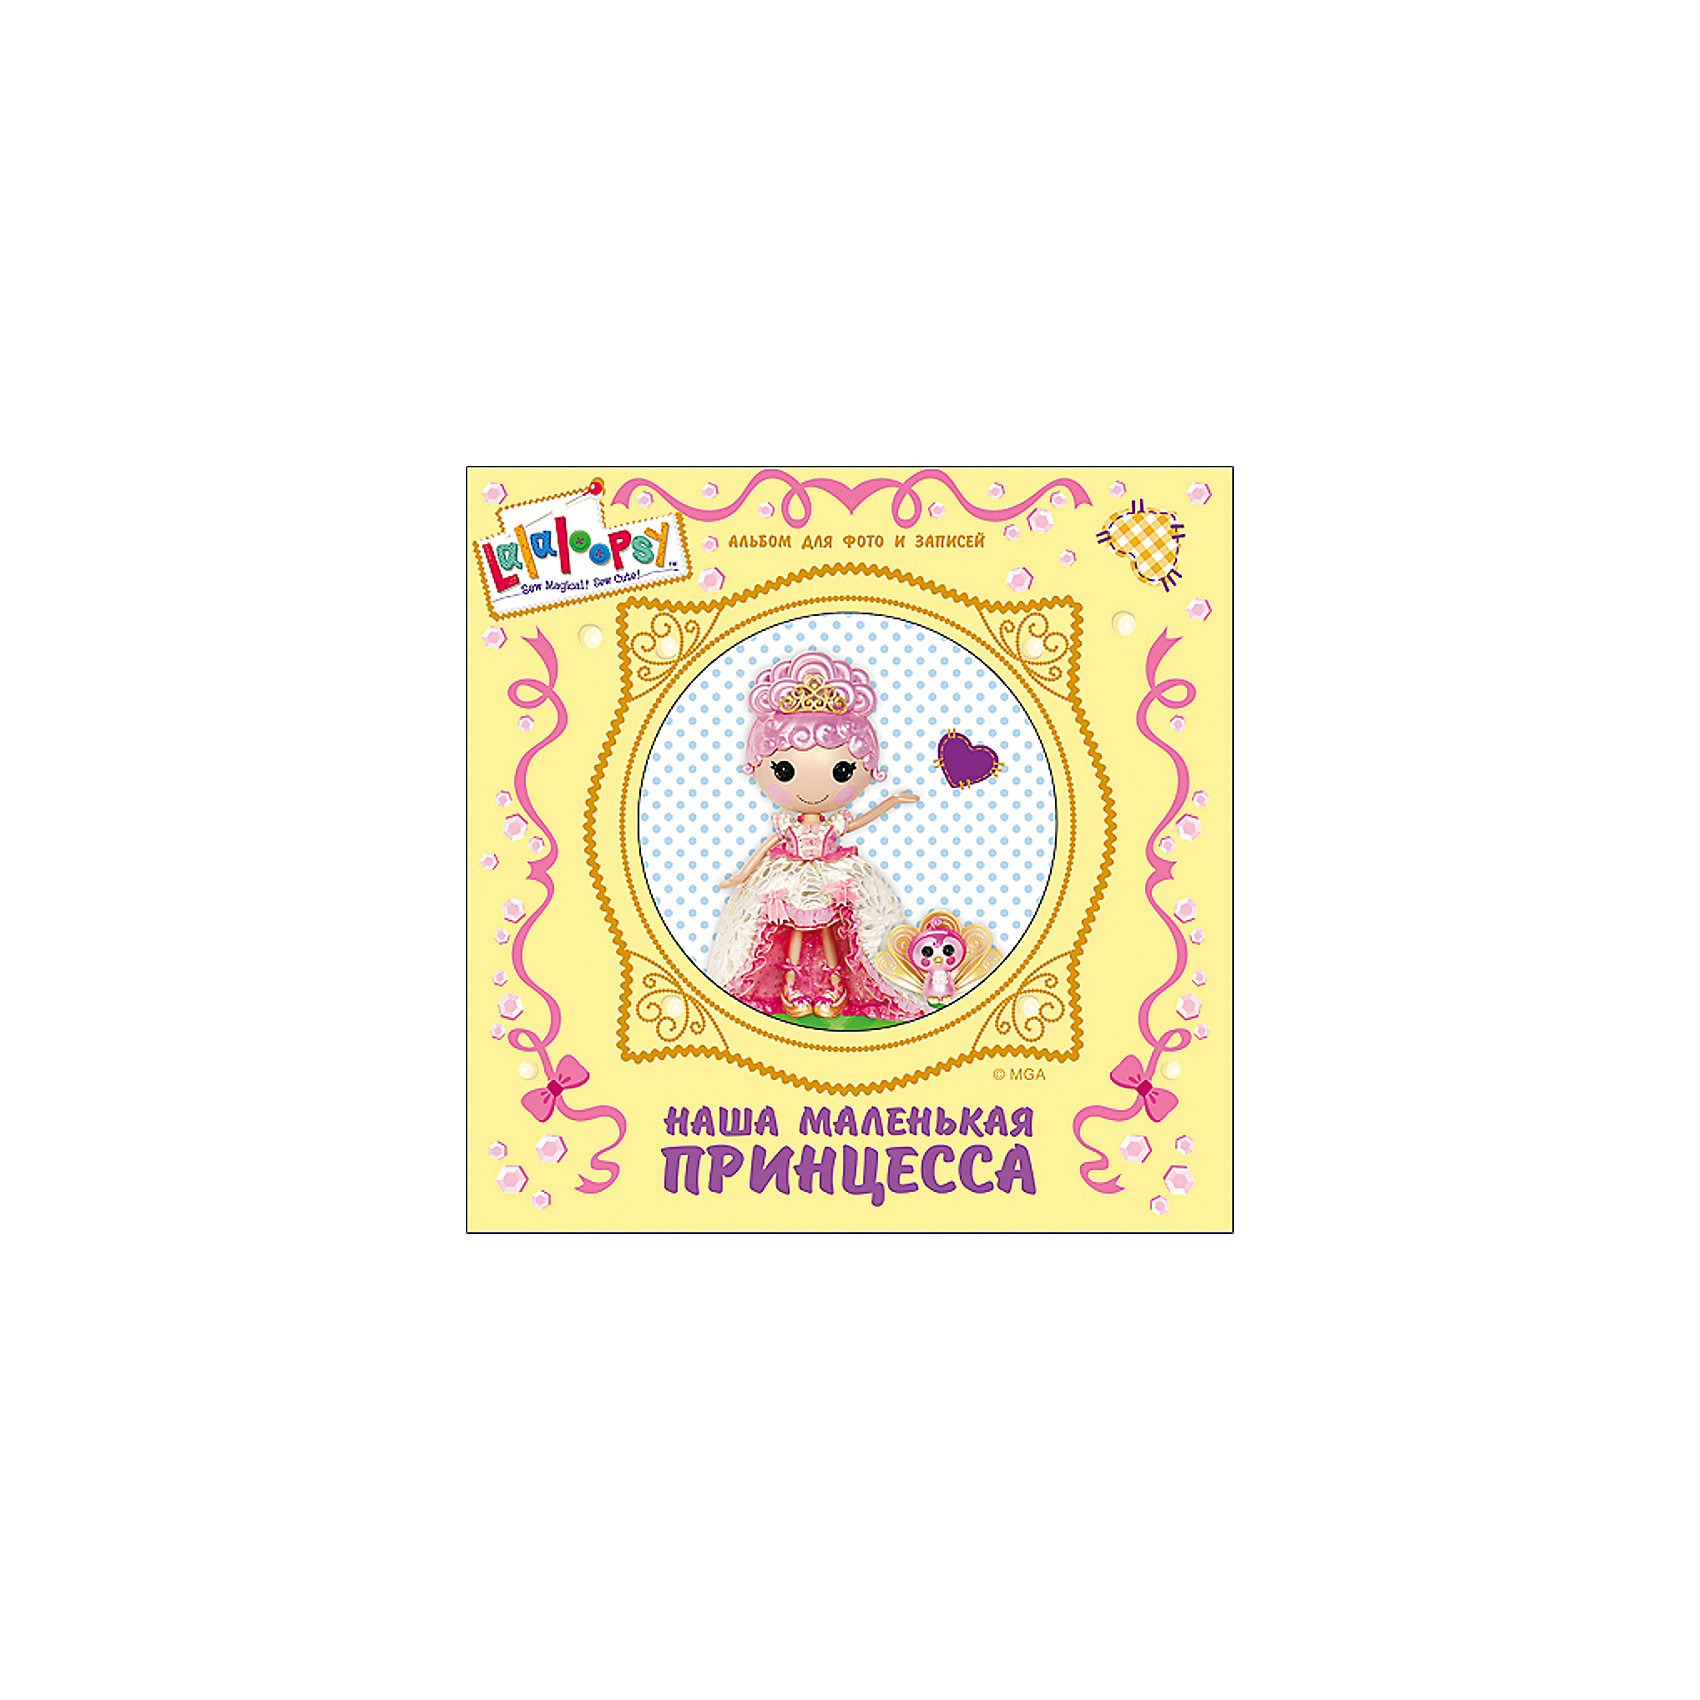 Проф-Пресс Альбом для фото и записей Наша маленькая принцесса, Лалалупси книги проф пресс постаничная вырубка сказочные принцессы